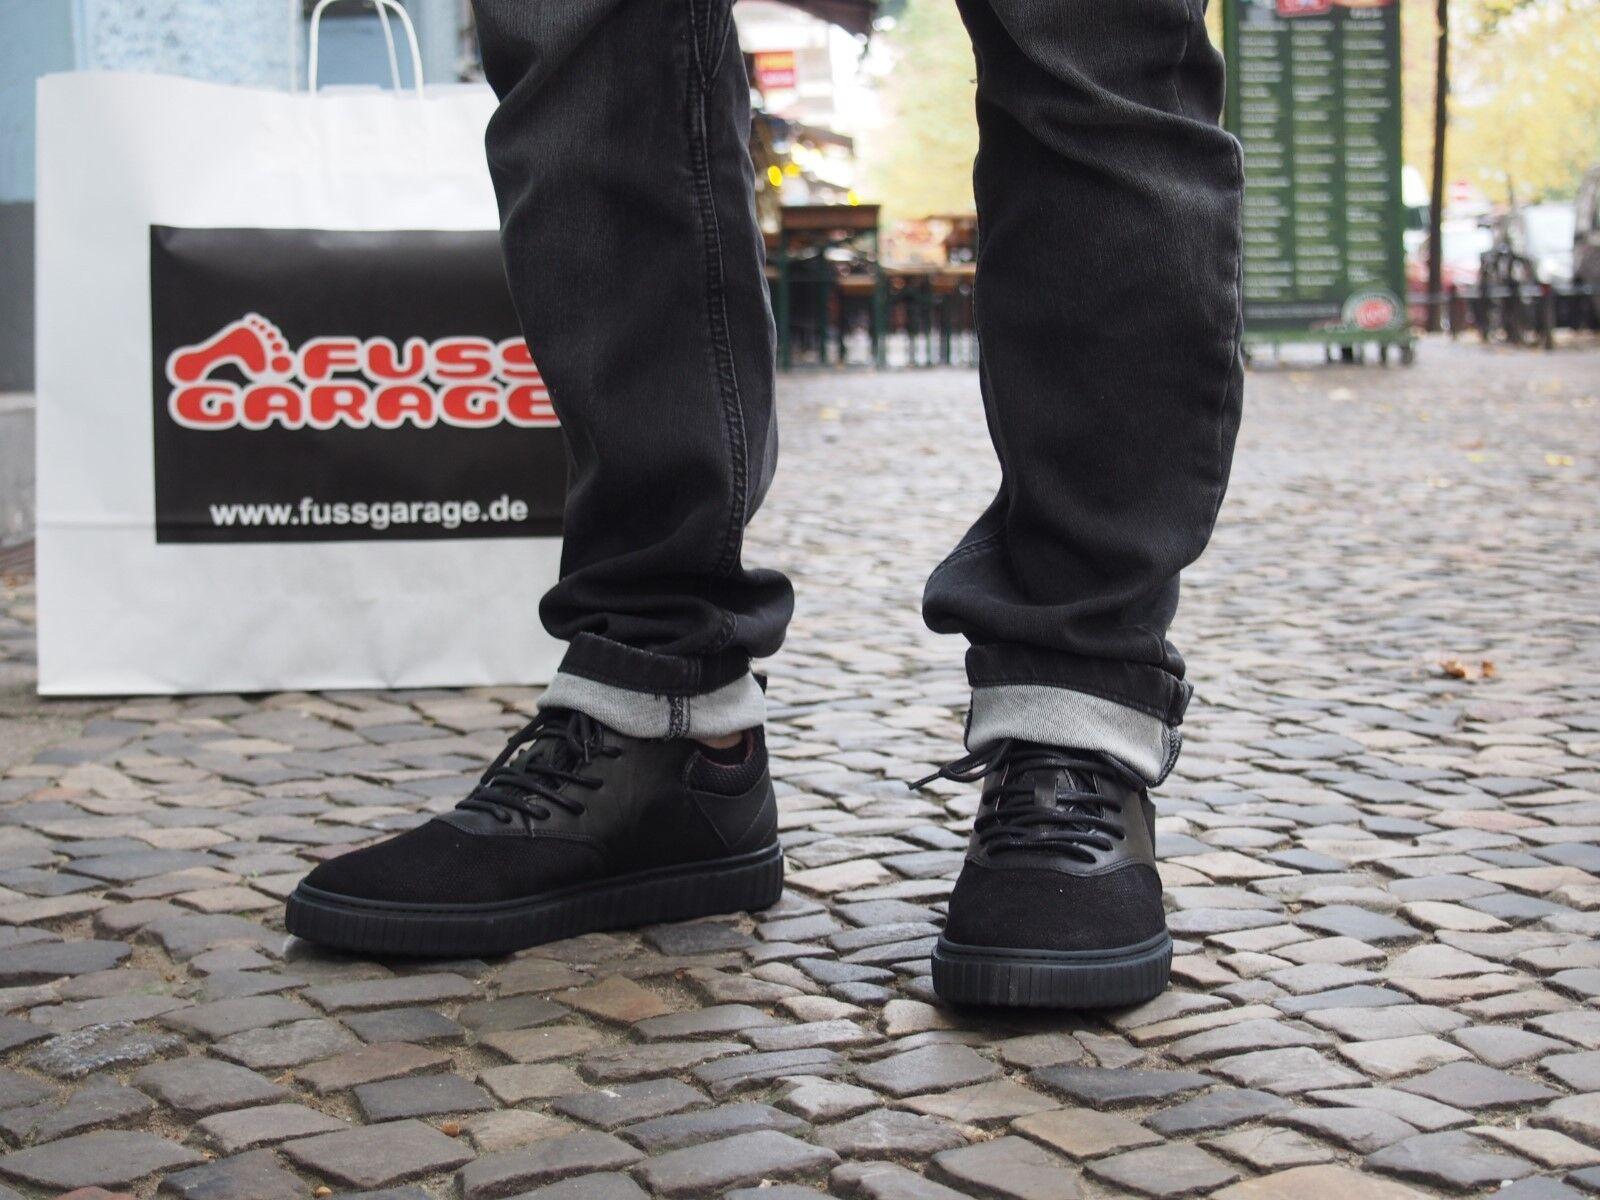 COXX BORBA Herrenschuh Mlizard Echtleder Schnürschuhe Black/Black Gummisohle neu